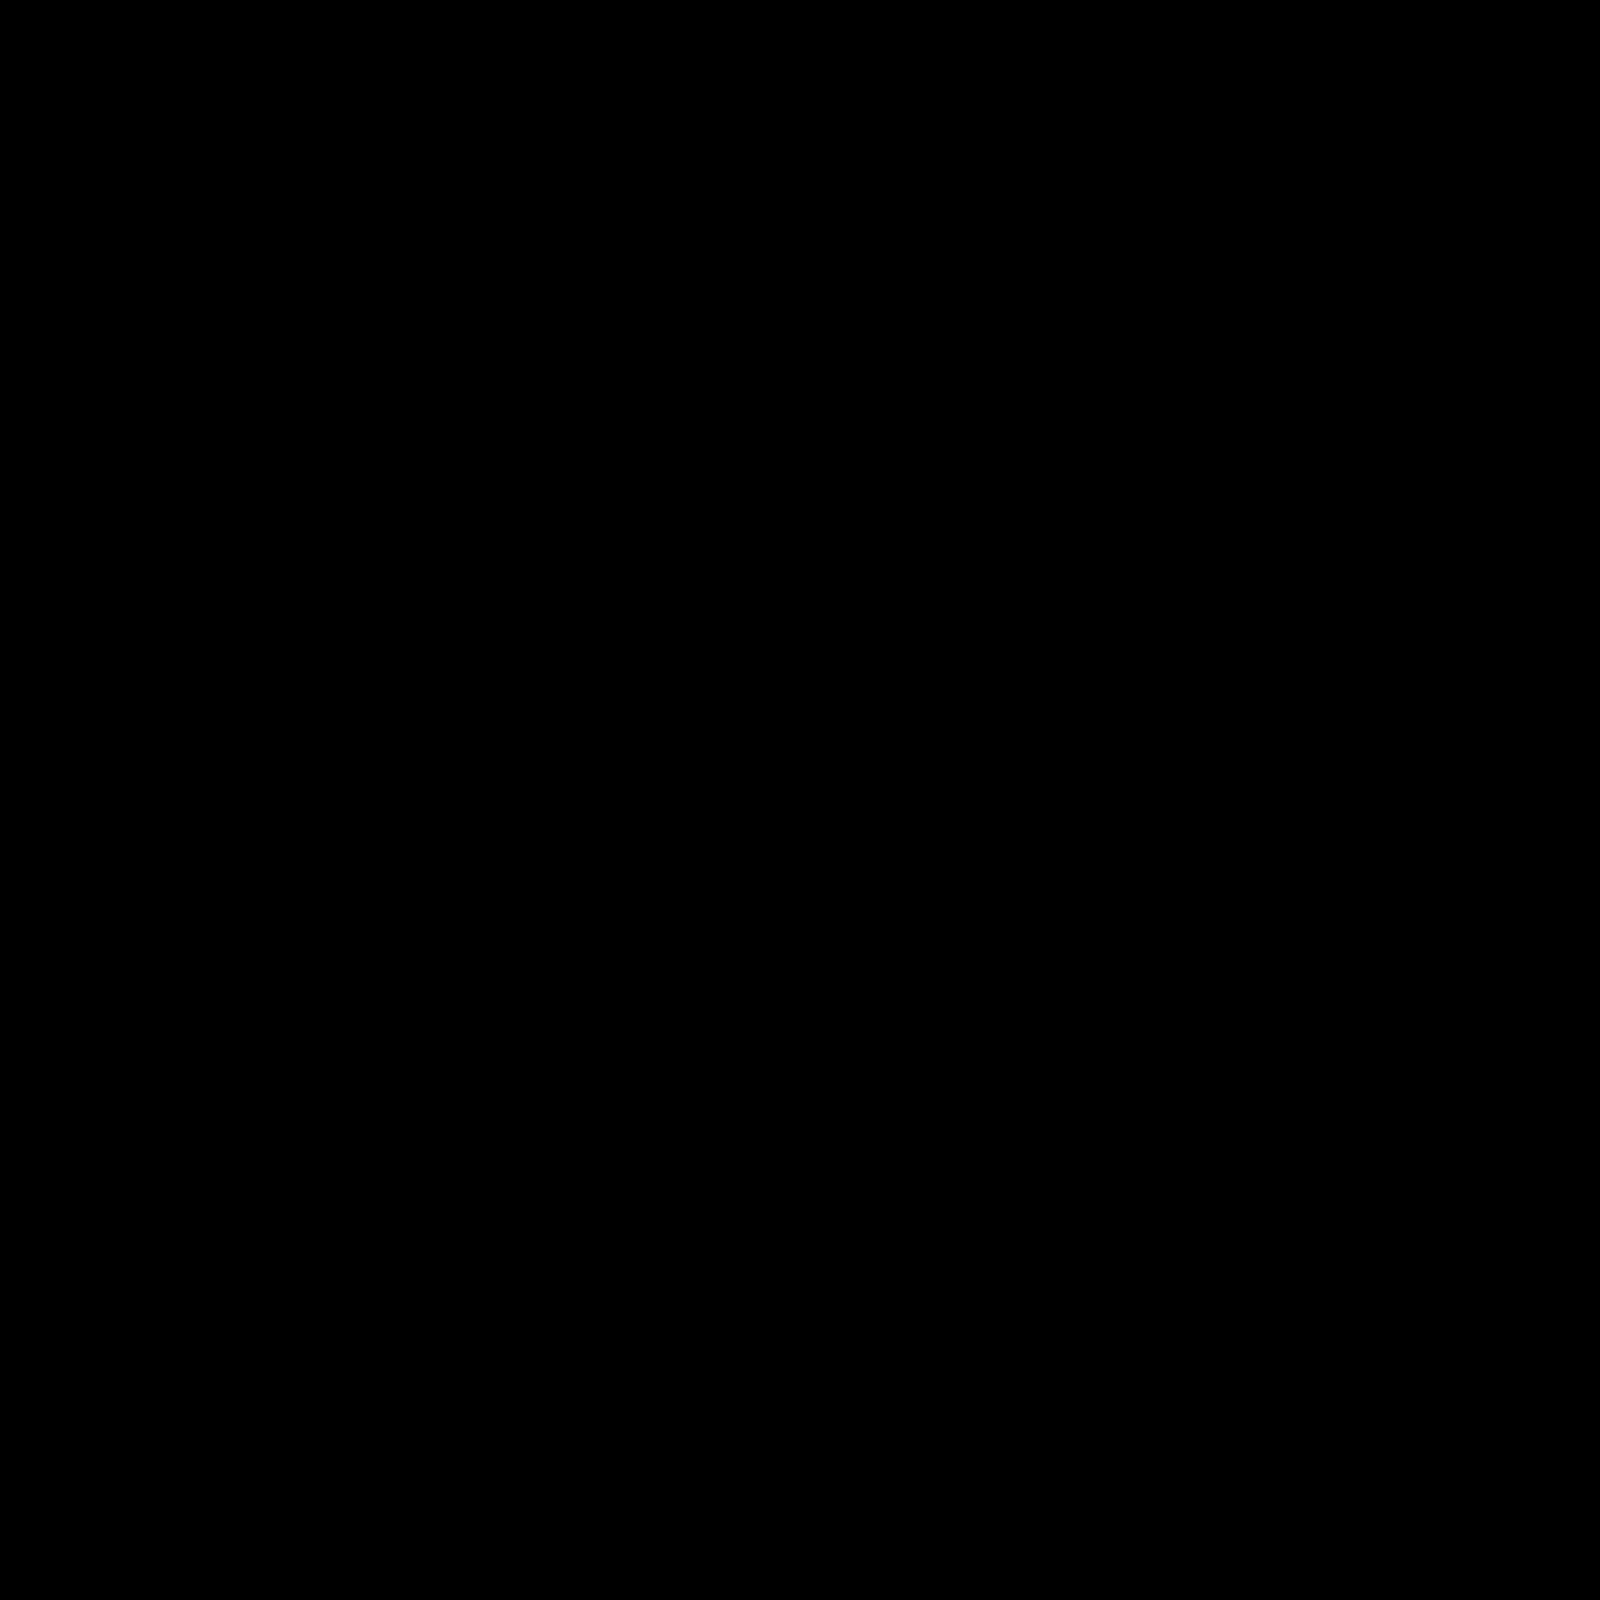 Sen icon